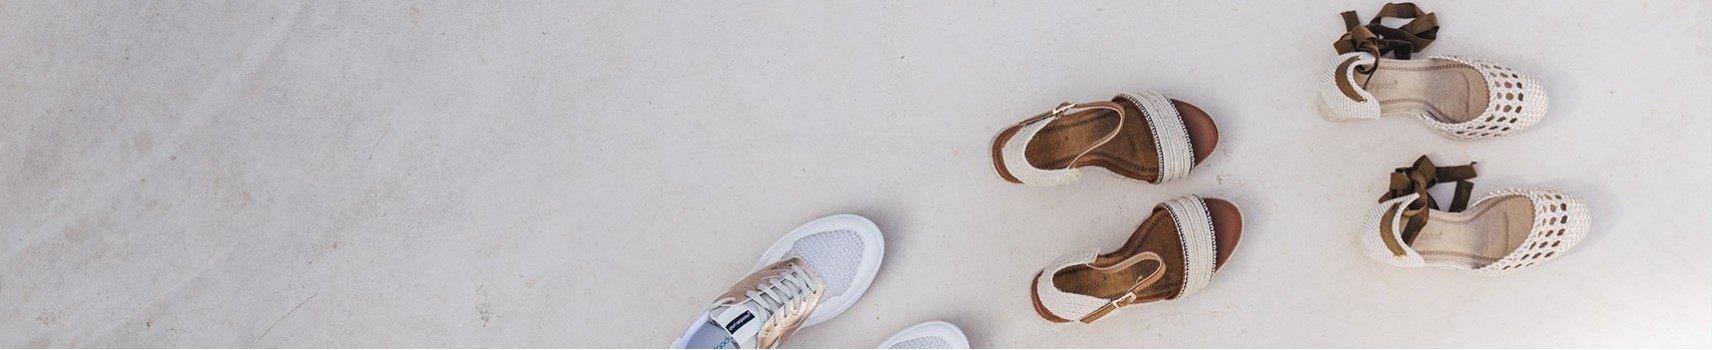 Zapatillas deportivas de mujer | Don Algodón